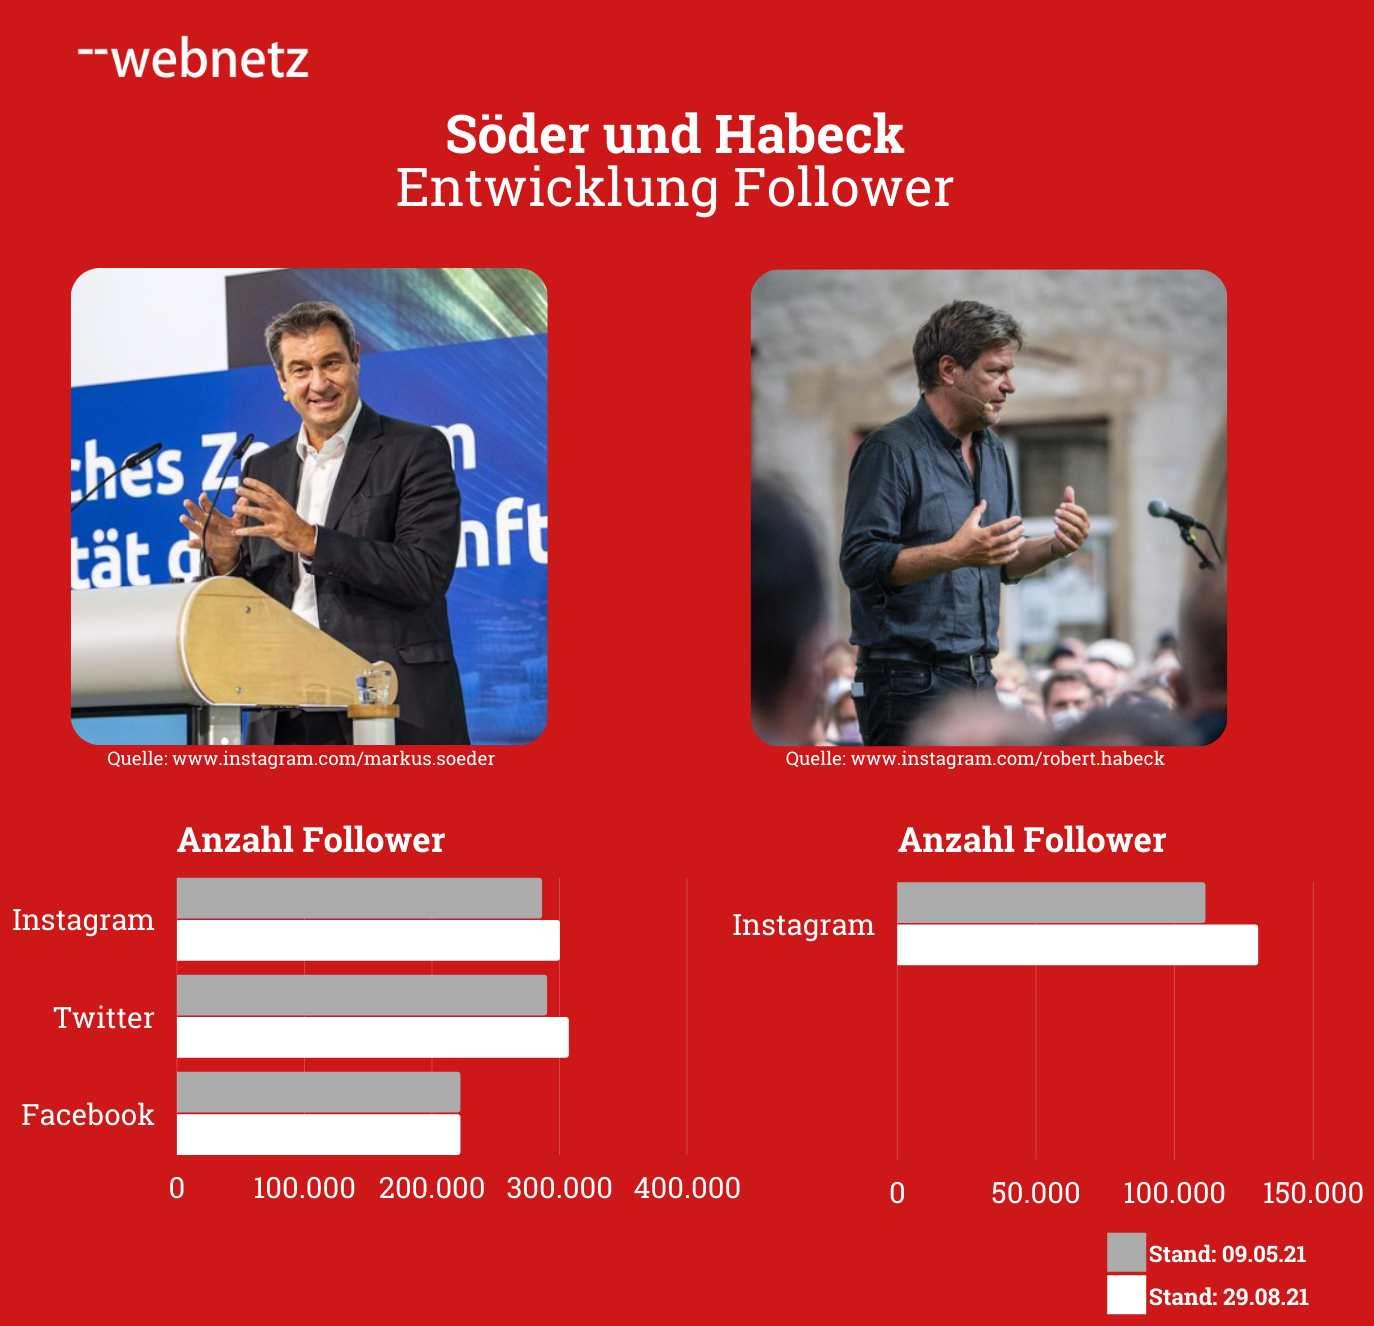 Entwicklung der Follower von Markus Söder und Robert Habeck